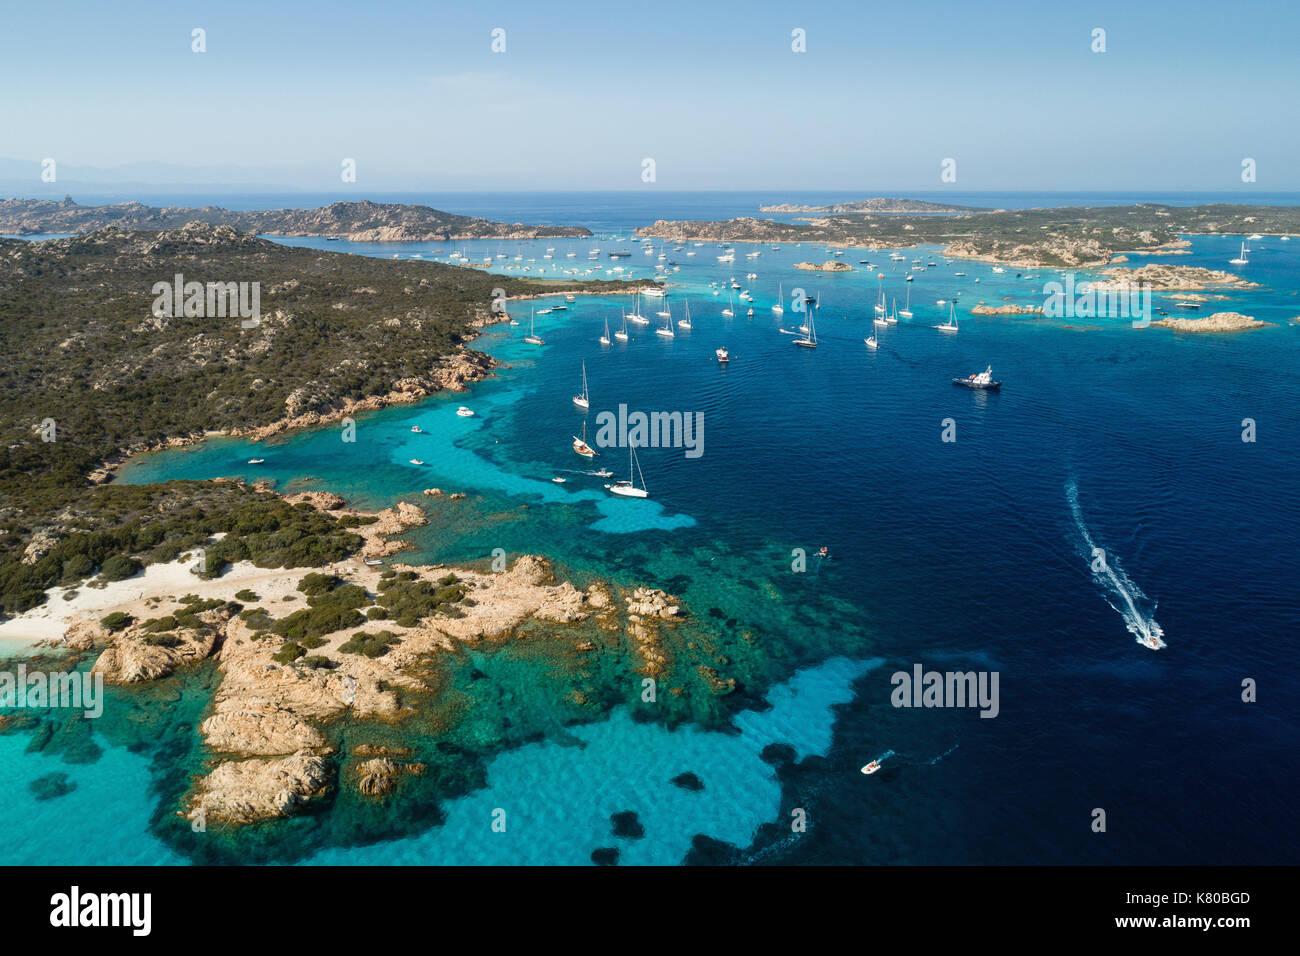 Luftaufnahme von Segelyachten in der Nähe von Inseln zwischen Sardinien und Korsika verankert Stockbild